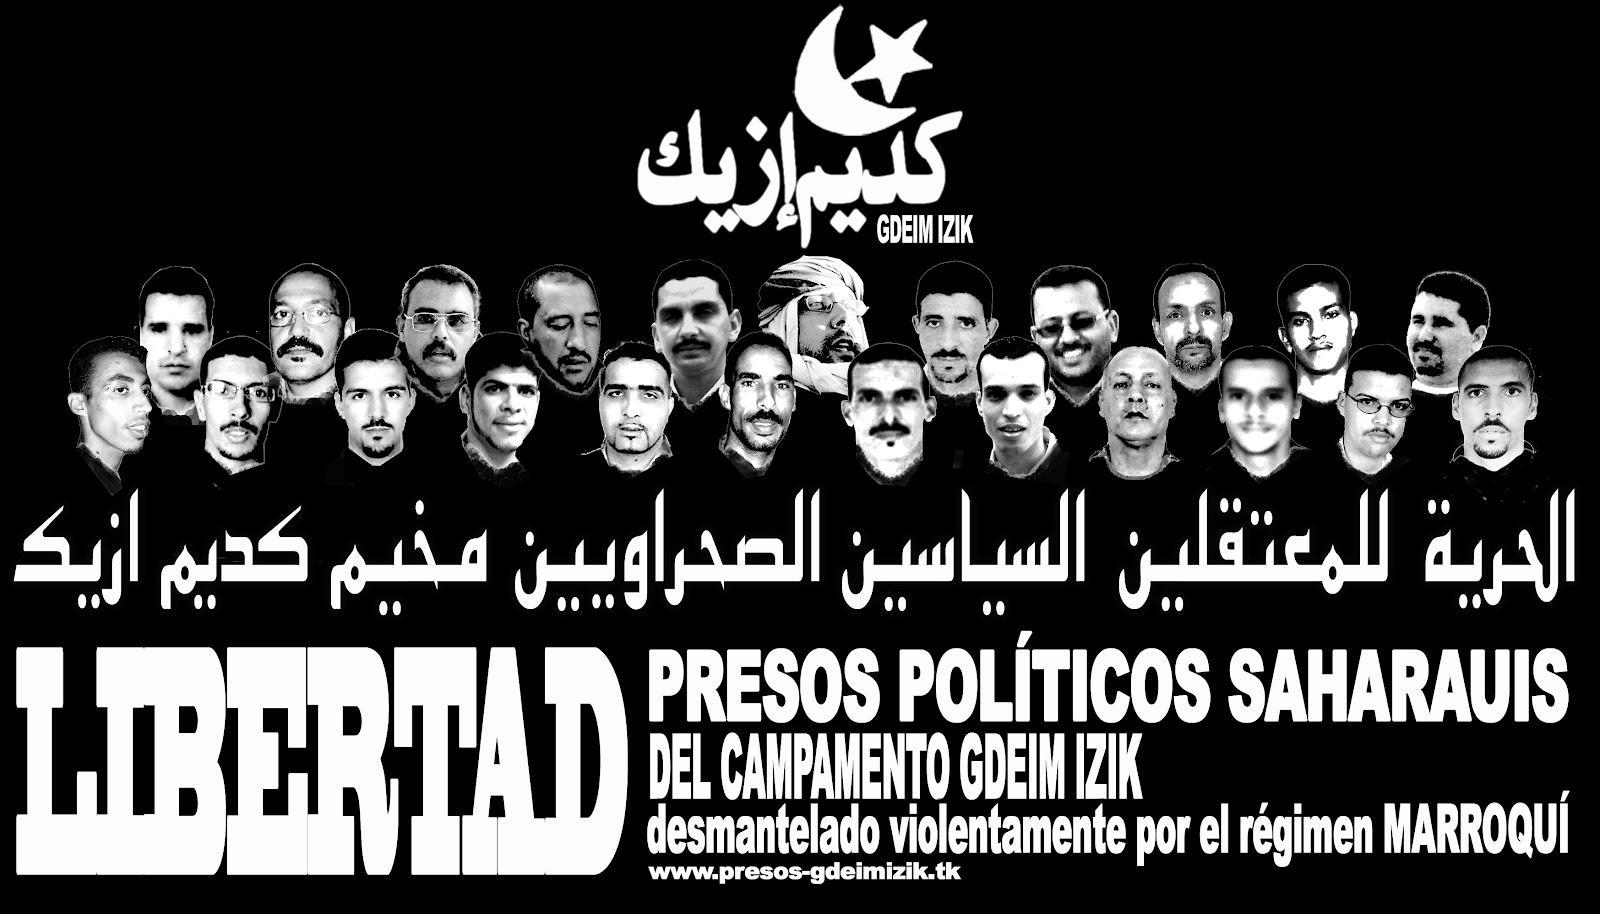 Llamamos a la participación en la concentración de apoyo a los presos políticos saharauis